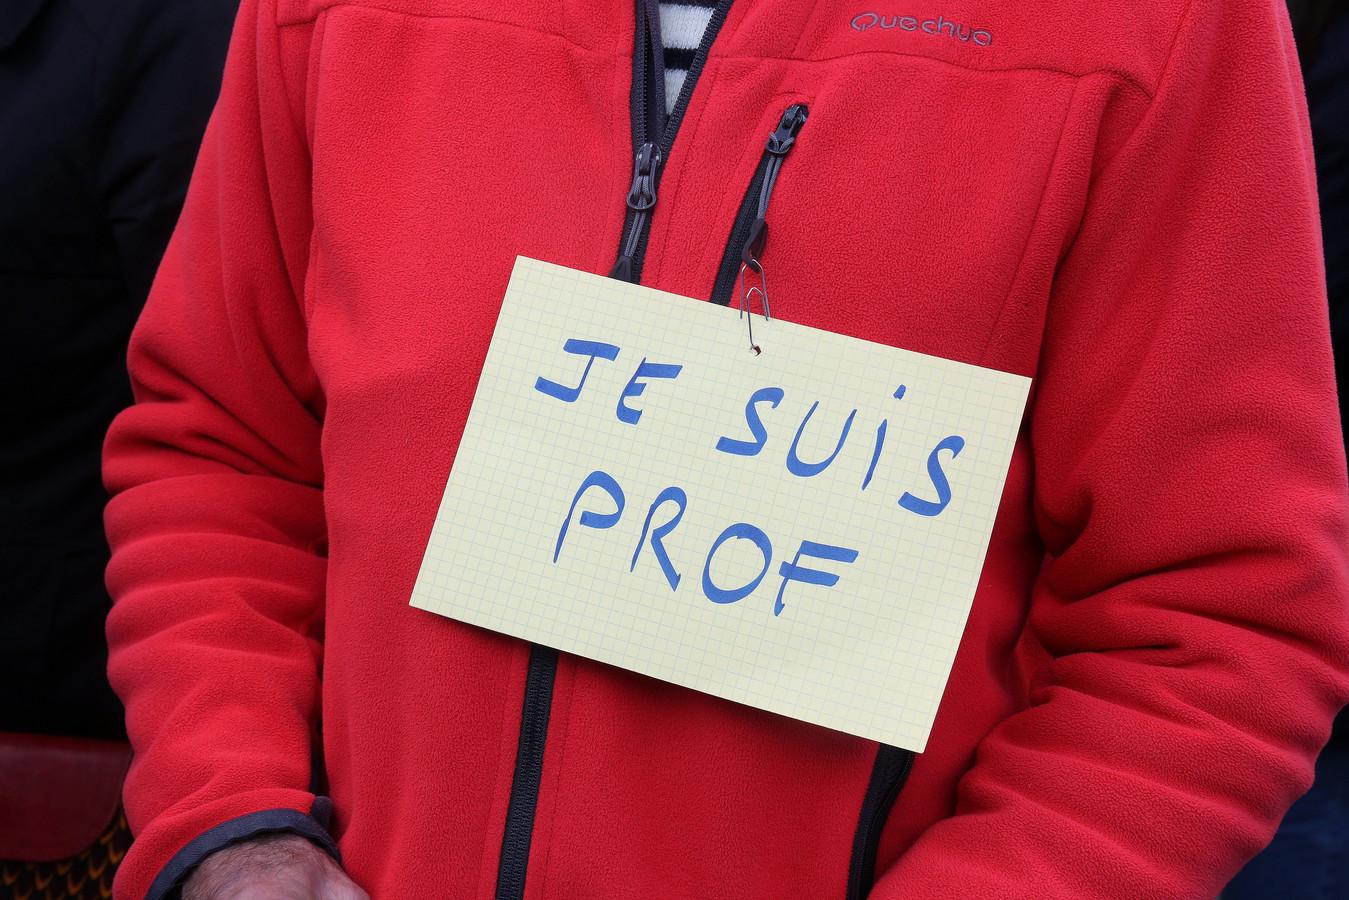 Steun van andere leerkrachten voor Samuel Paty